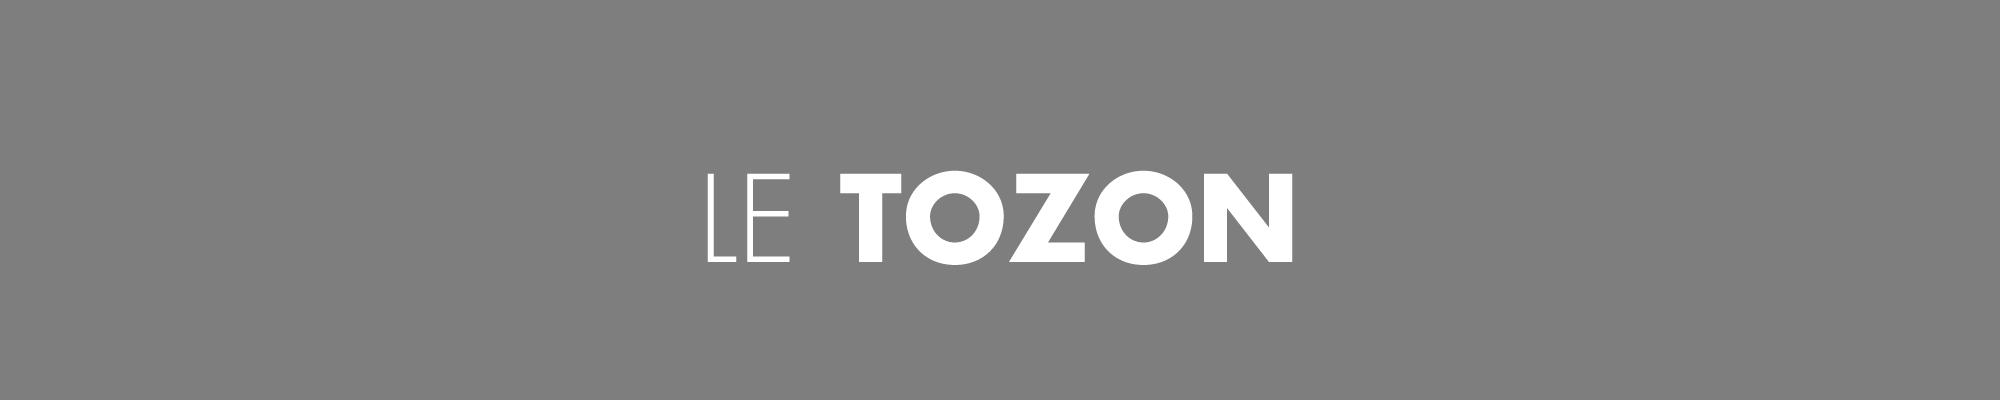 Le-Tozon-2000x500